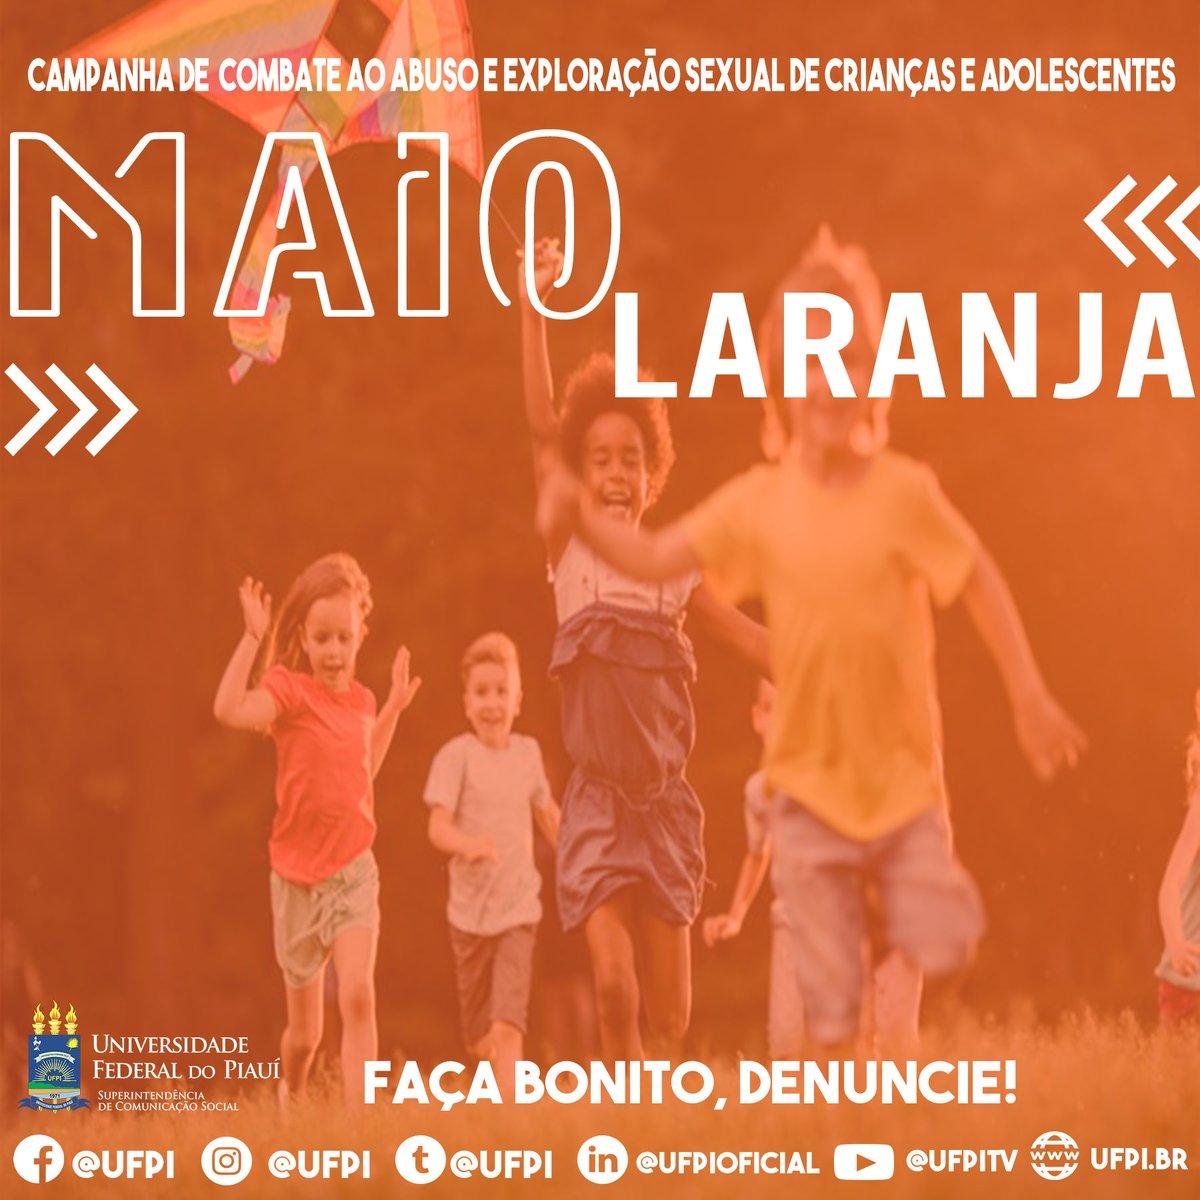 Maio laranja 🔶 . 📲Ajude a denunciar, disque 100. . #ufpi #minhaufpi #vemparaufpi